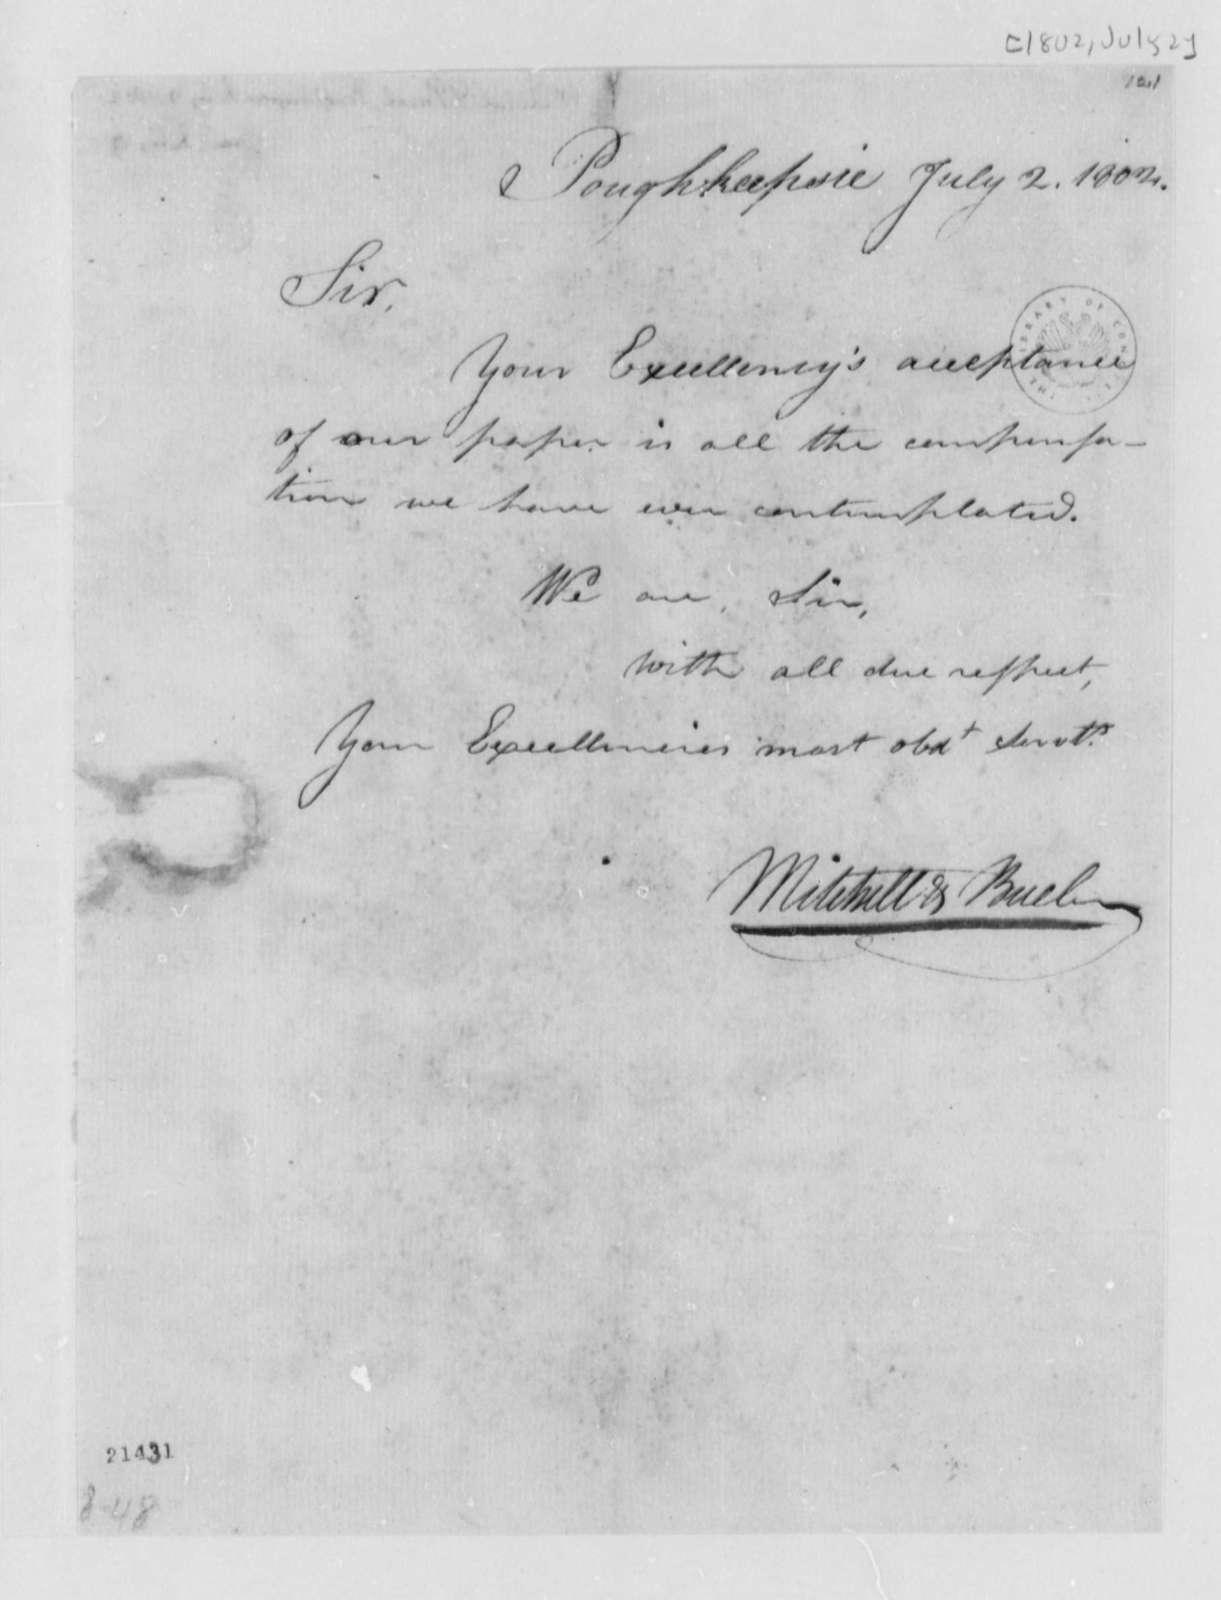 Mitchell & Buell to Thomas Jefferson, July 2, 1802